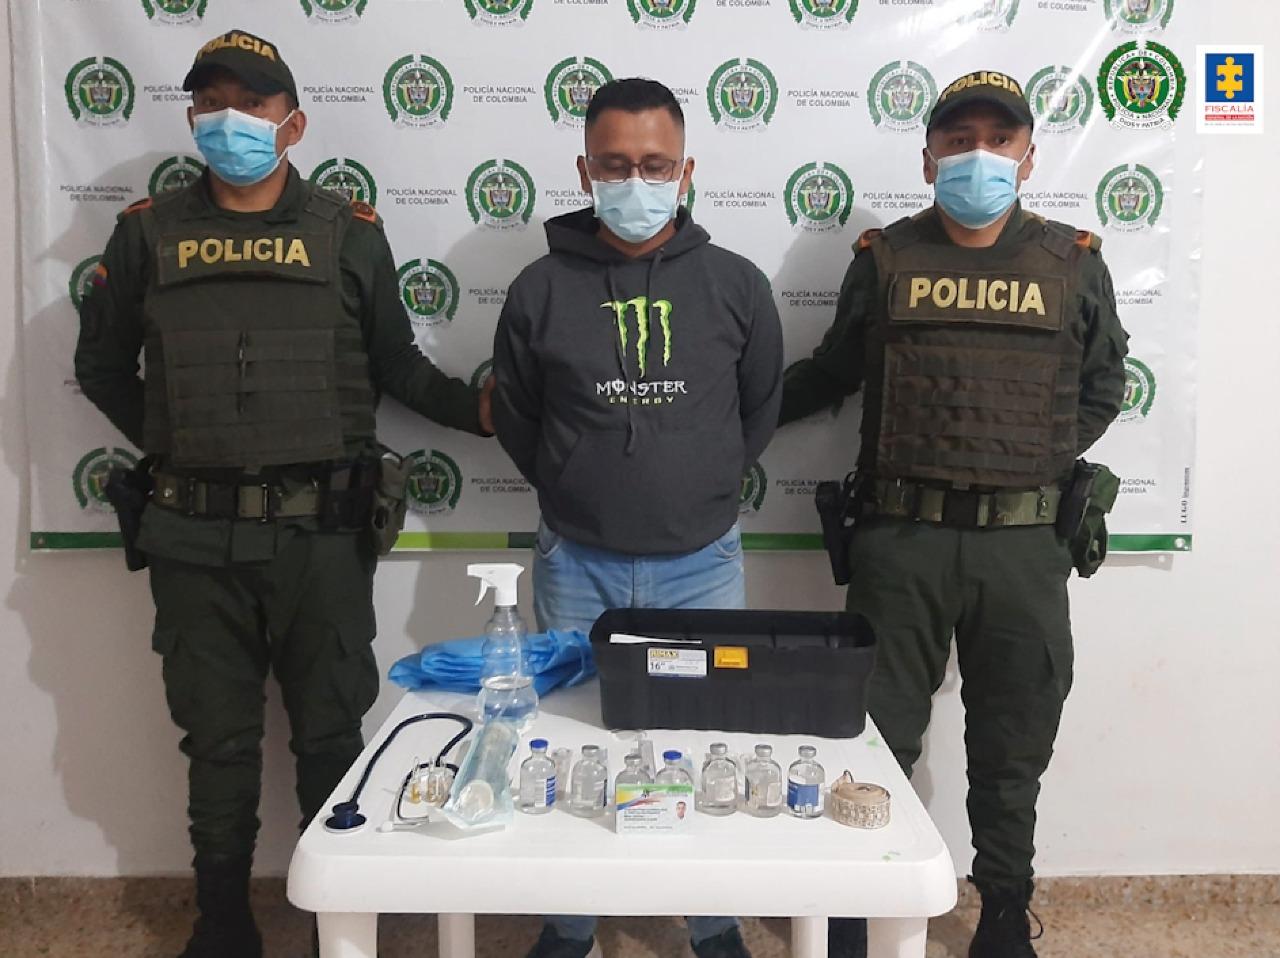 Judicializado falso veterinario que habría realizado procedimientos quirúrgicos y de esterilización a varios animales - Noticias de Colombia